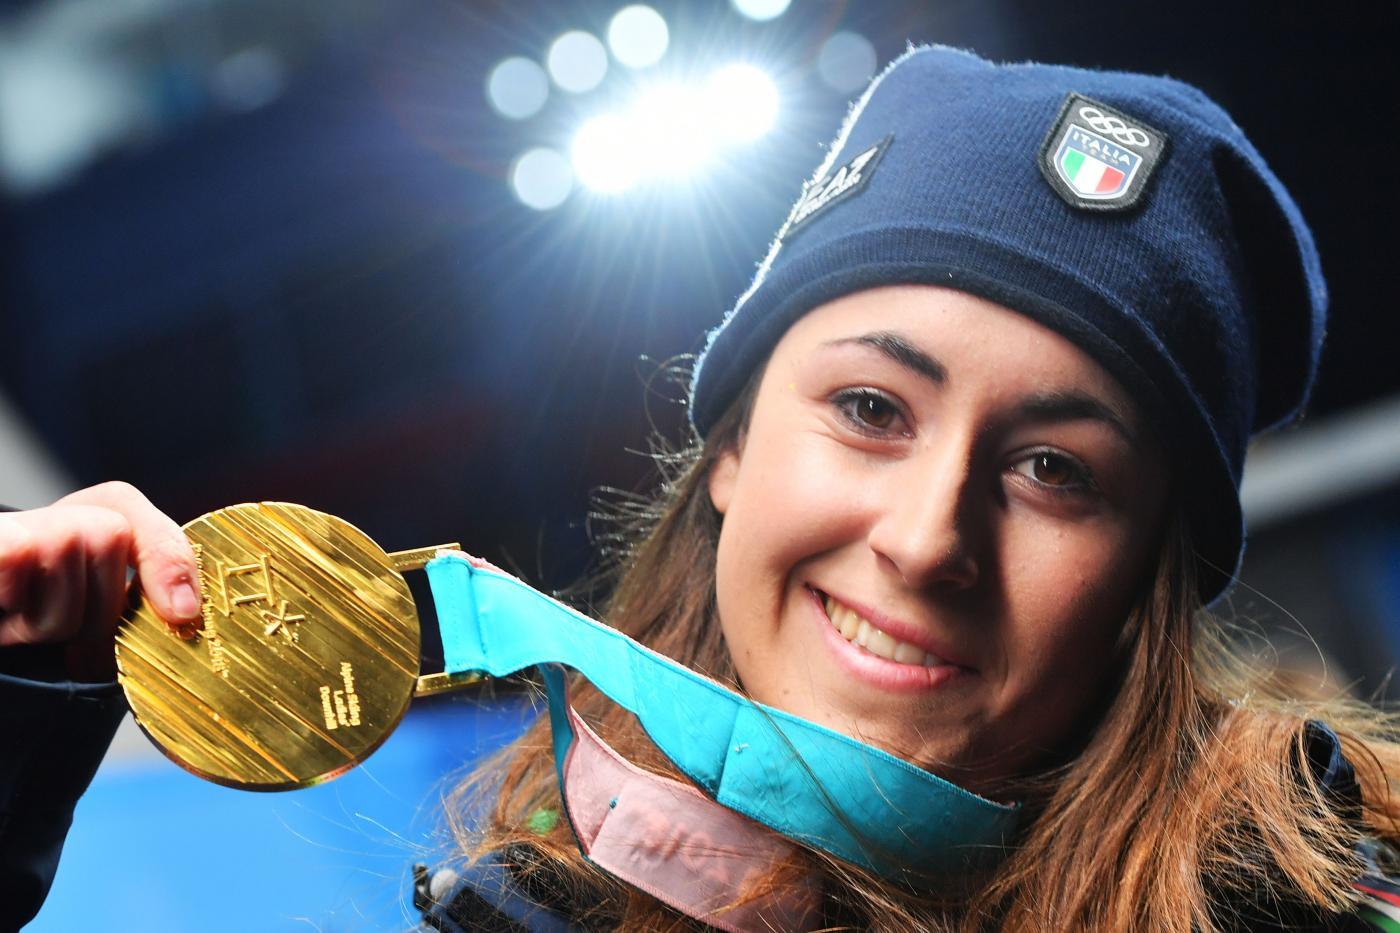 Giochi olimpici invernali di Pyeongchang: le immagini più belle degli Azzurri